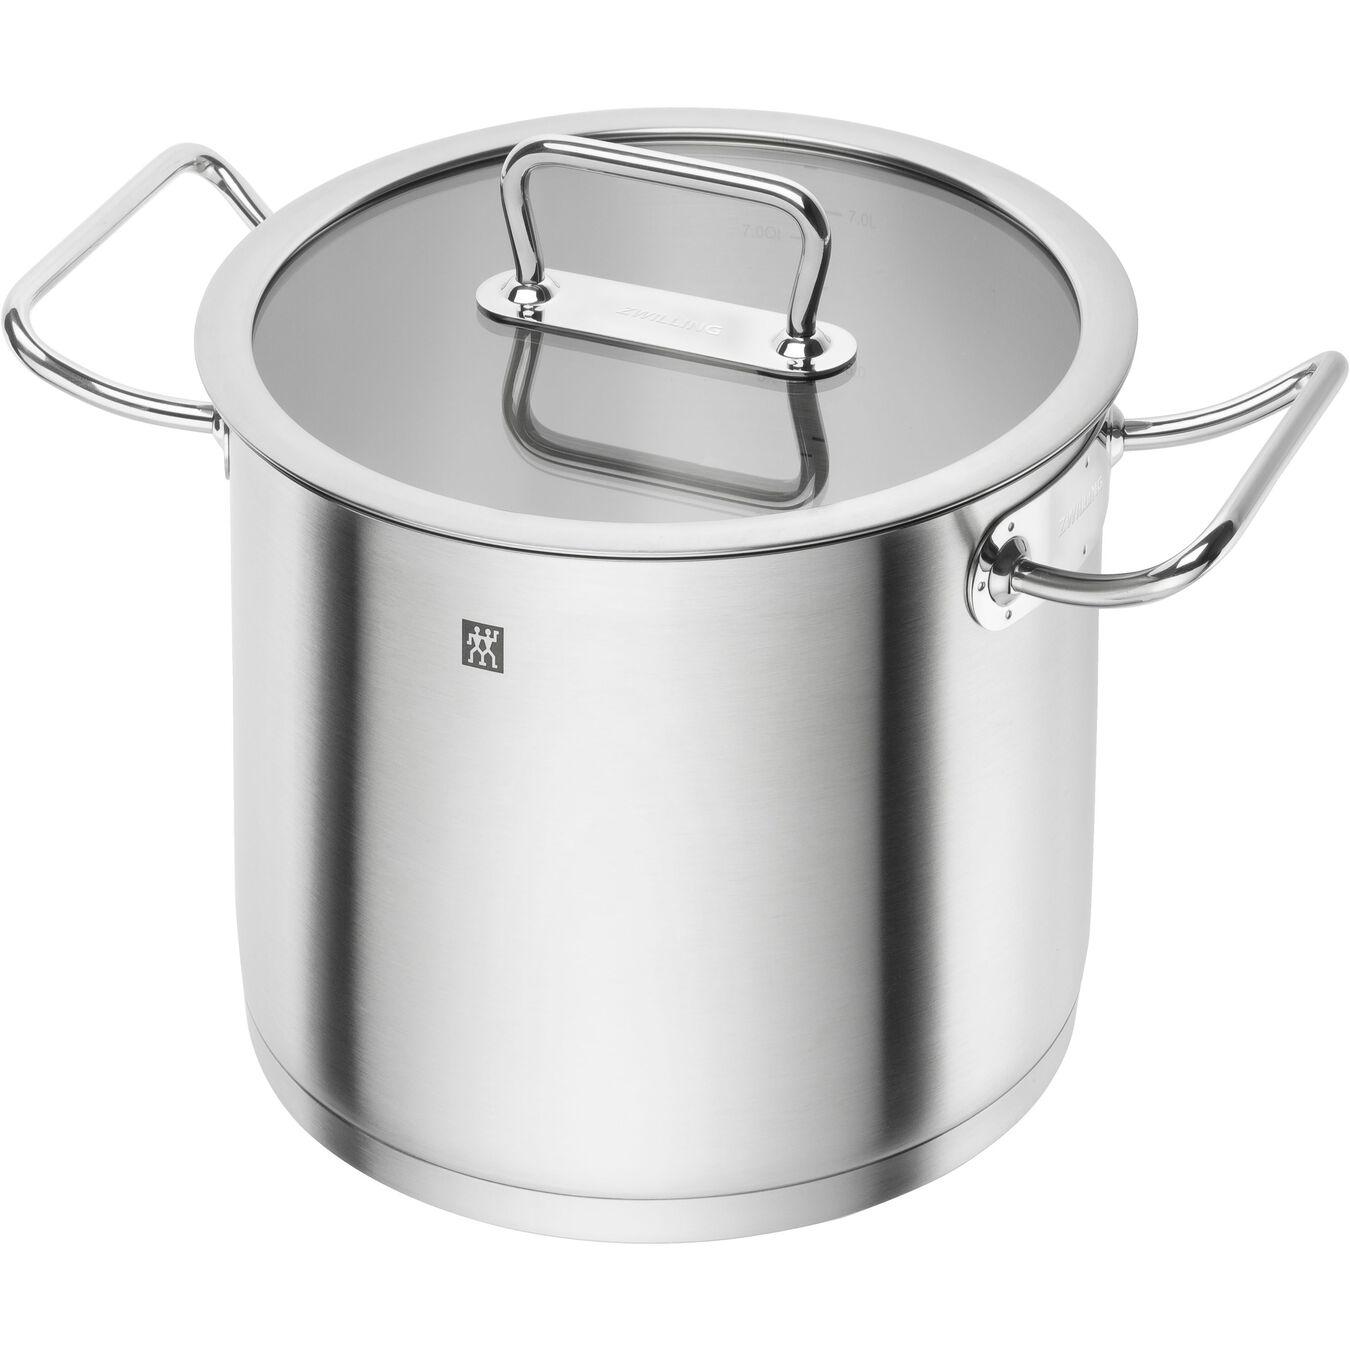 Suppegryde Højsidet 24 cm, 18/10 rustfrit stål,,large 1